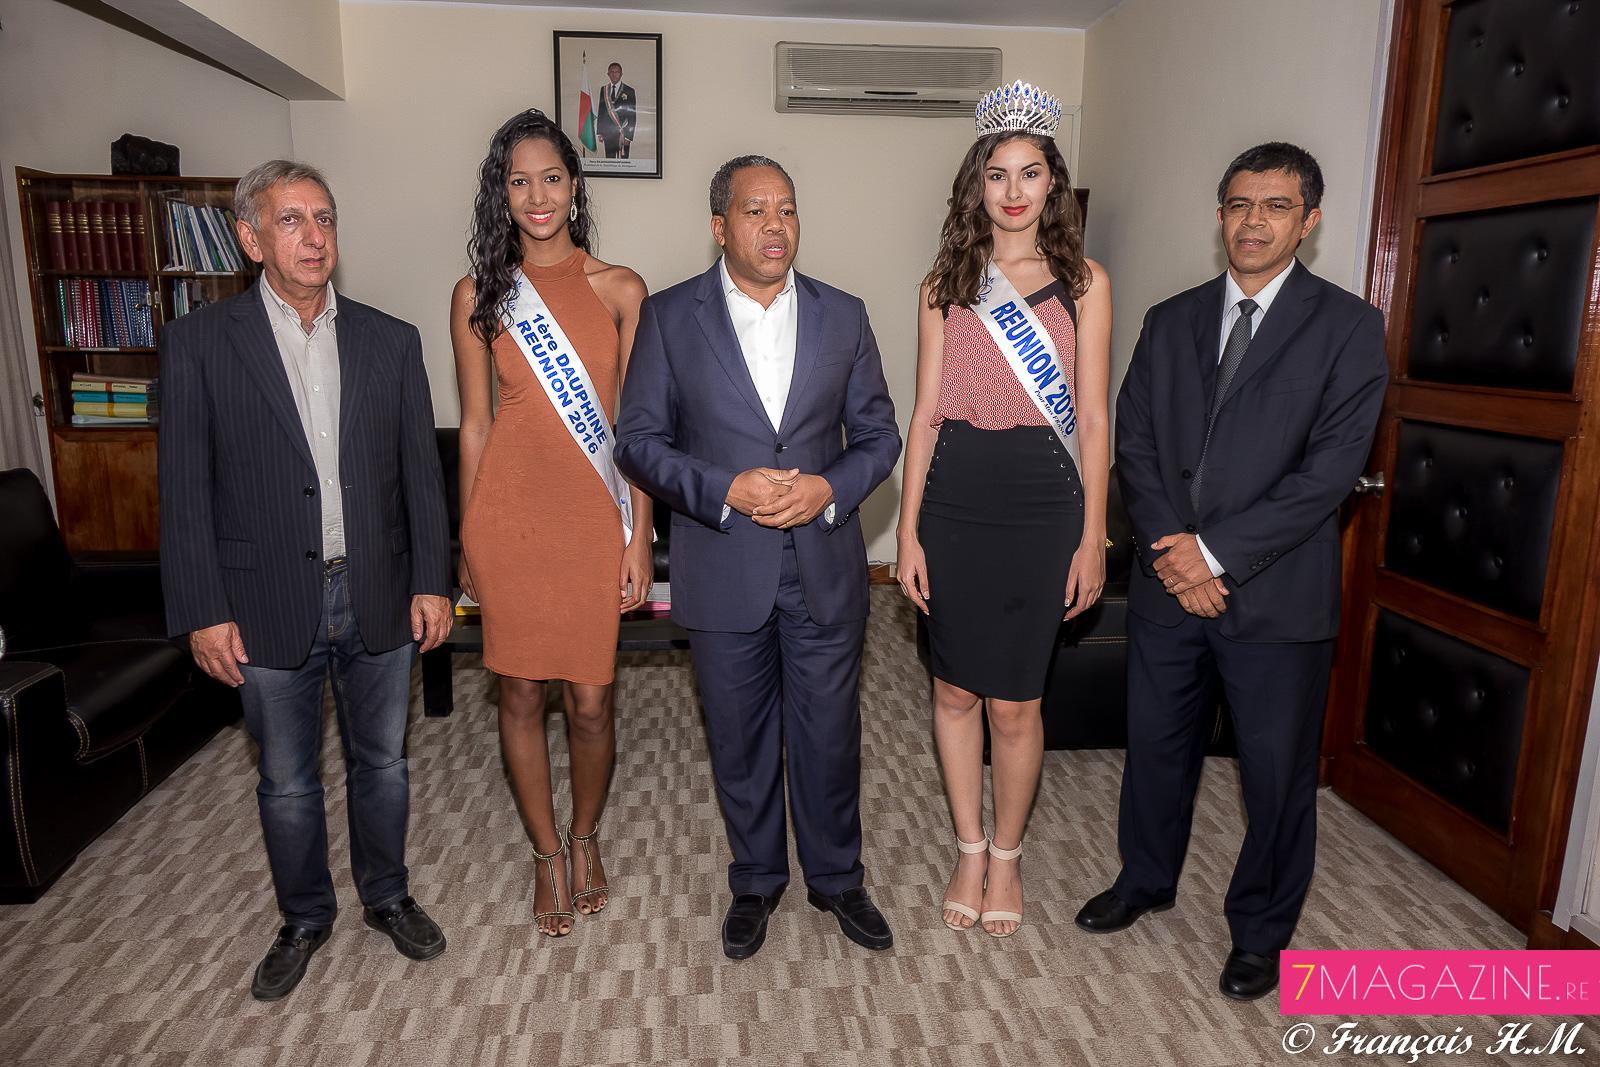 Aziz Patel, du Comité Miss Réunion, Raïssa Cadarsi, Roland Ratsiraka, Ambre N'guyen, et Tokiarifety Rabeson, le directeur général de Développement du Tourisme de Madagascar